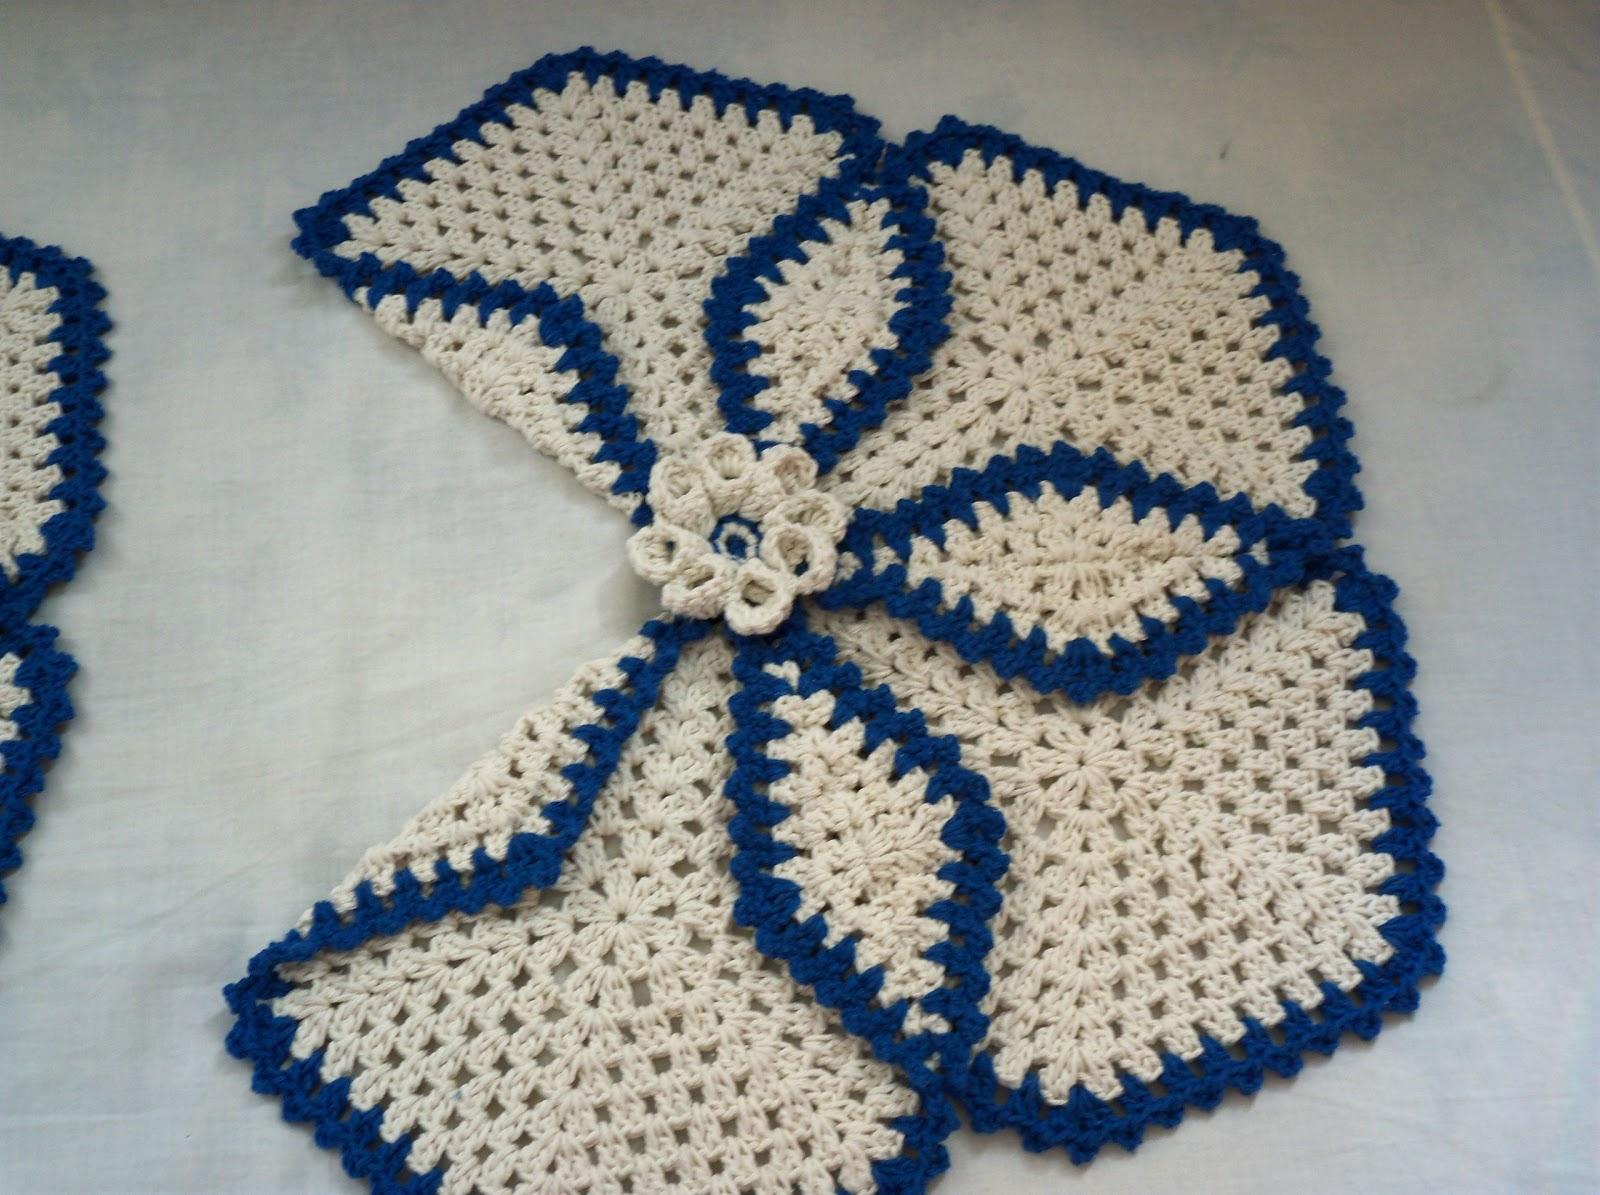 Edi artesanatos: Jogo de Banheiro em crochê azul #10325E 1600x1195 Banheiro Com Vaso Azul